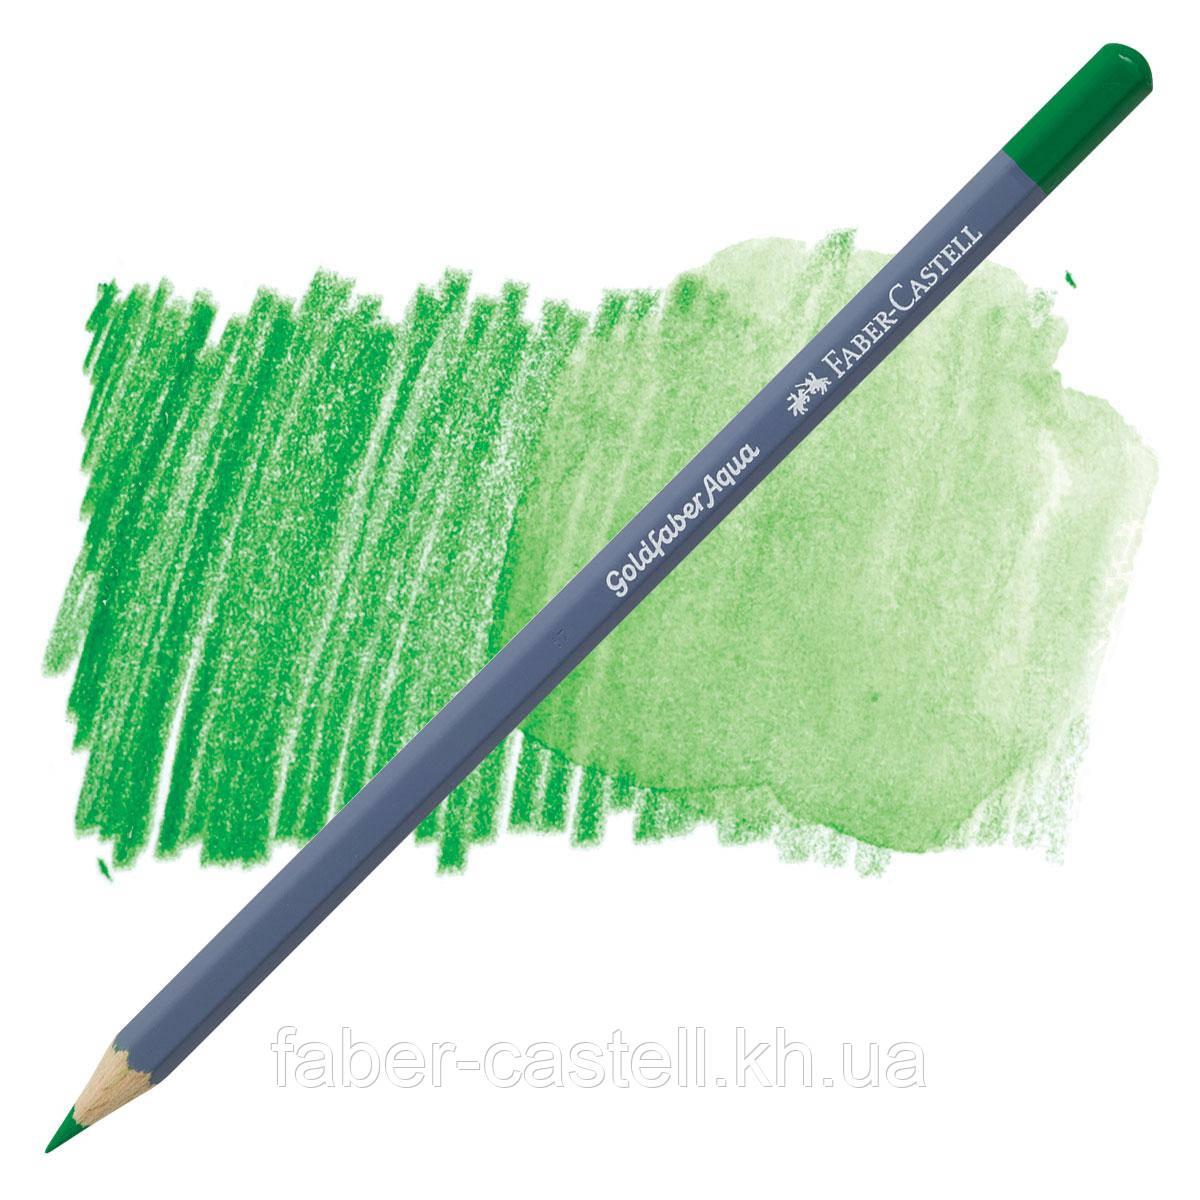 Карандаш акварельный Faber-Castell Goldfaber Aqua цвет насыщенный зеленый № 266 (Permanent Green), 114696